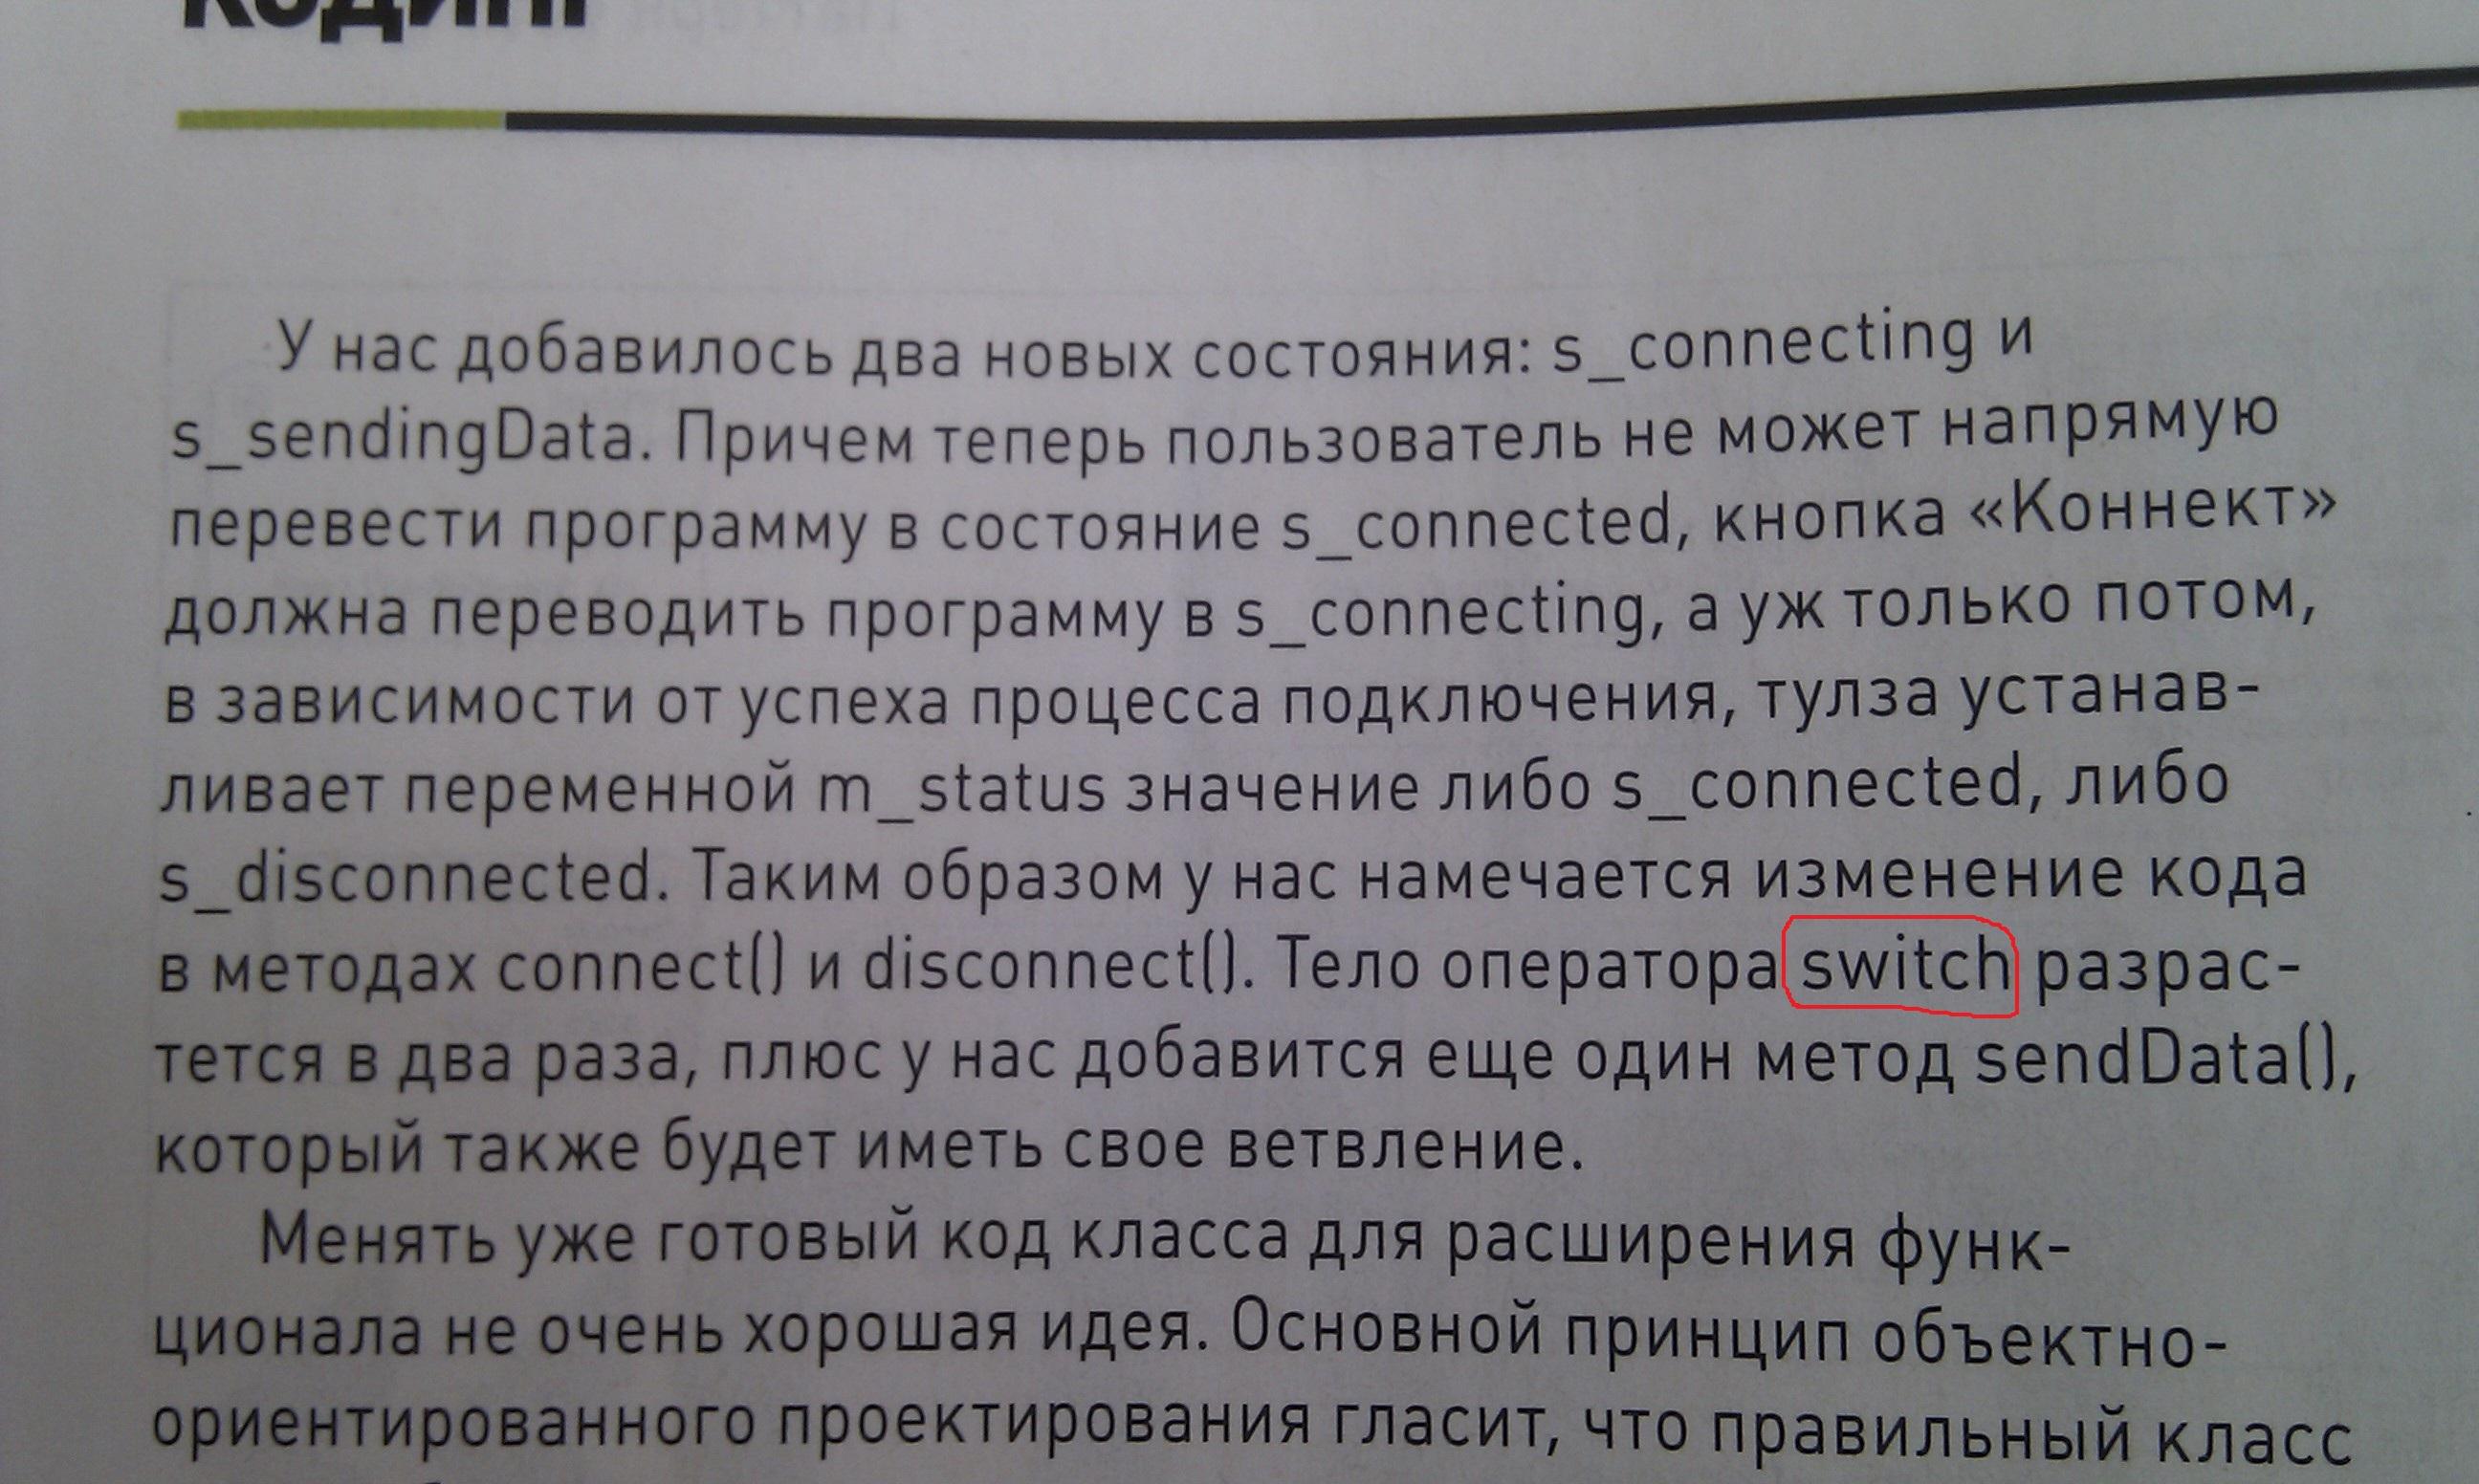 Открытое письмо редакции «Журнал Хакер»